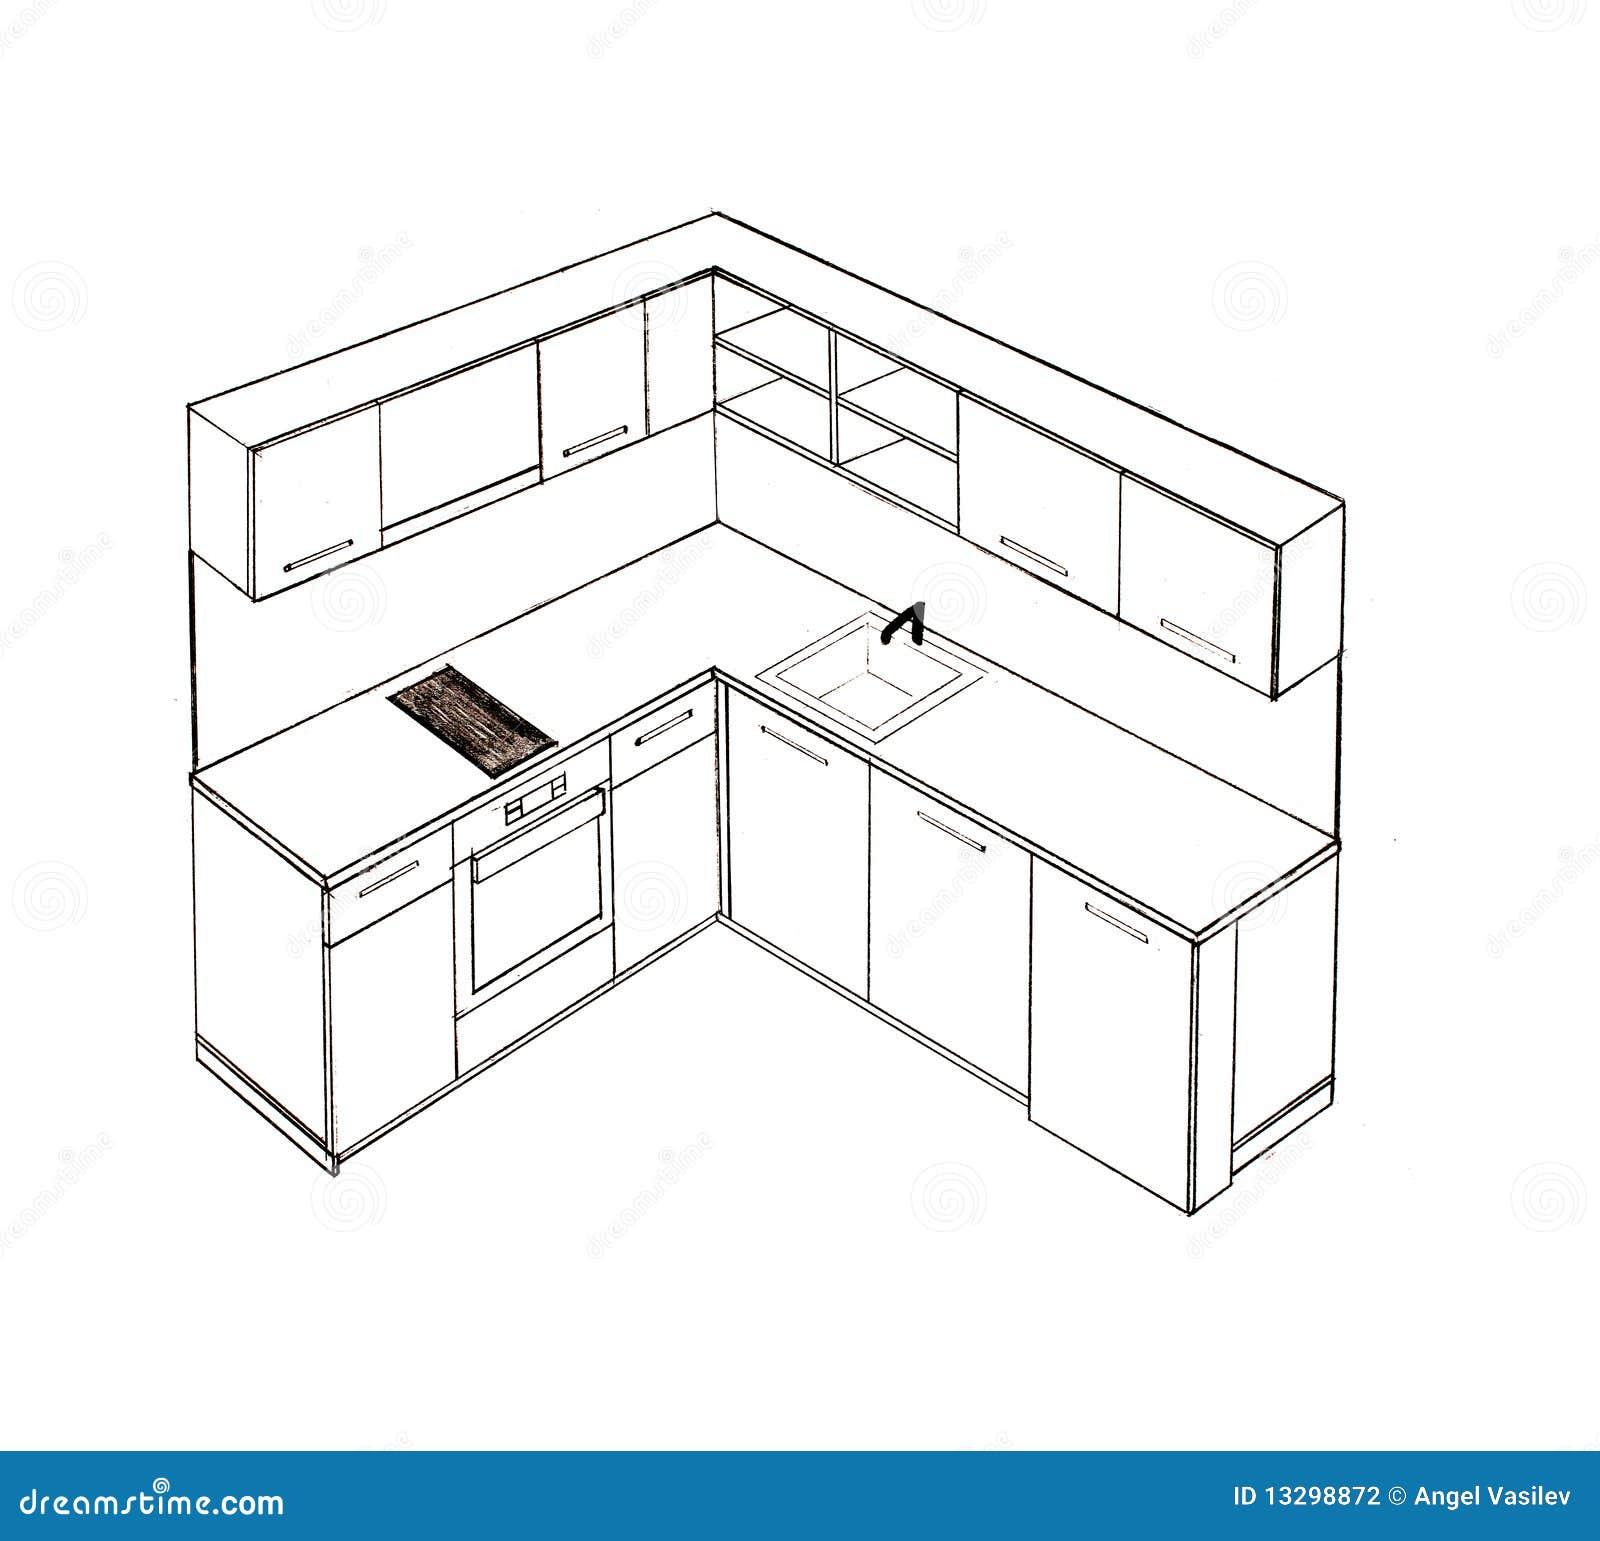 modern interior design freehand drawing stock illustration image 13298872. Black Bedroom Furniture Sets. Home Design Ideas